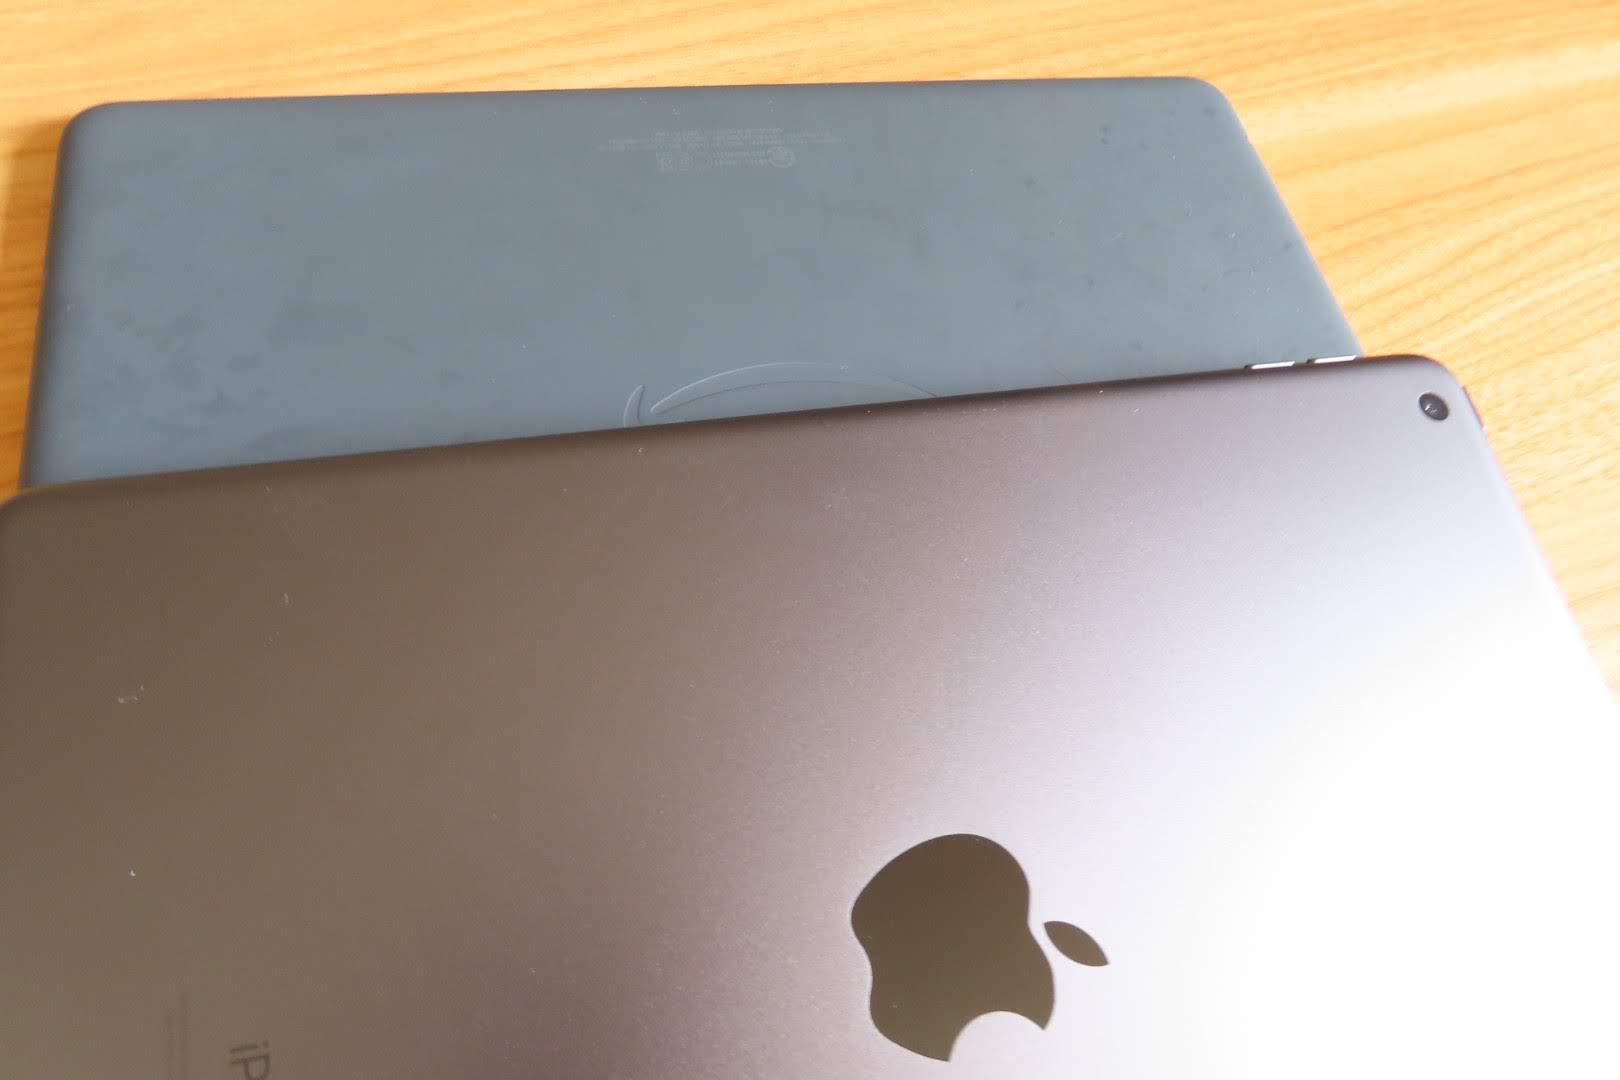 FireHD10 Plusでできること iPadでできること どちらでもできること